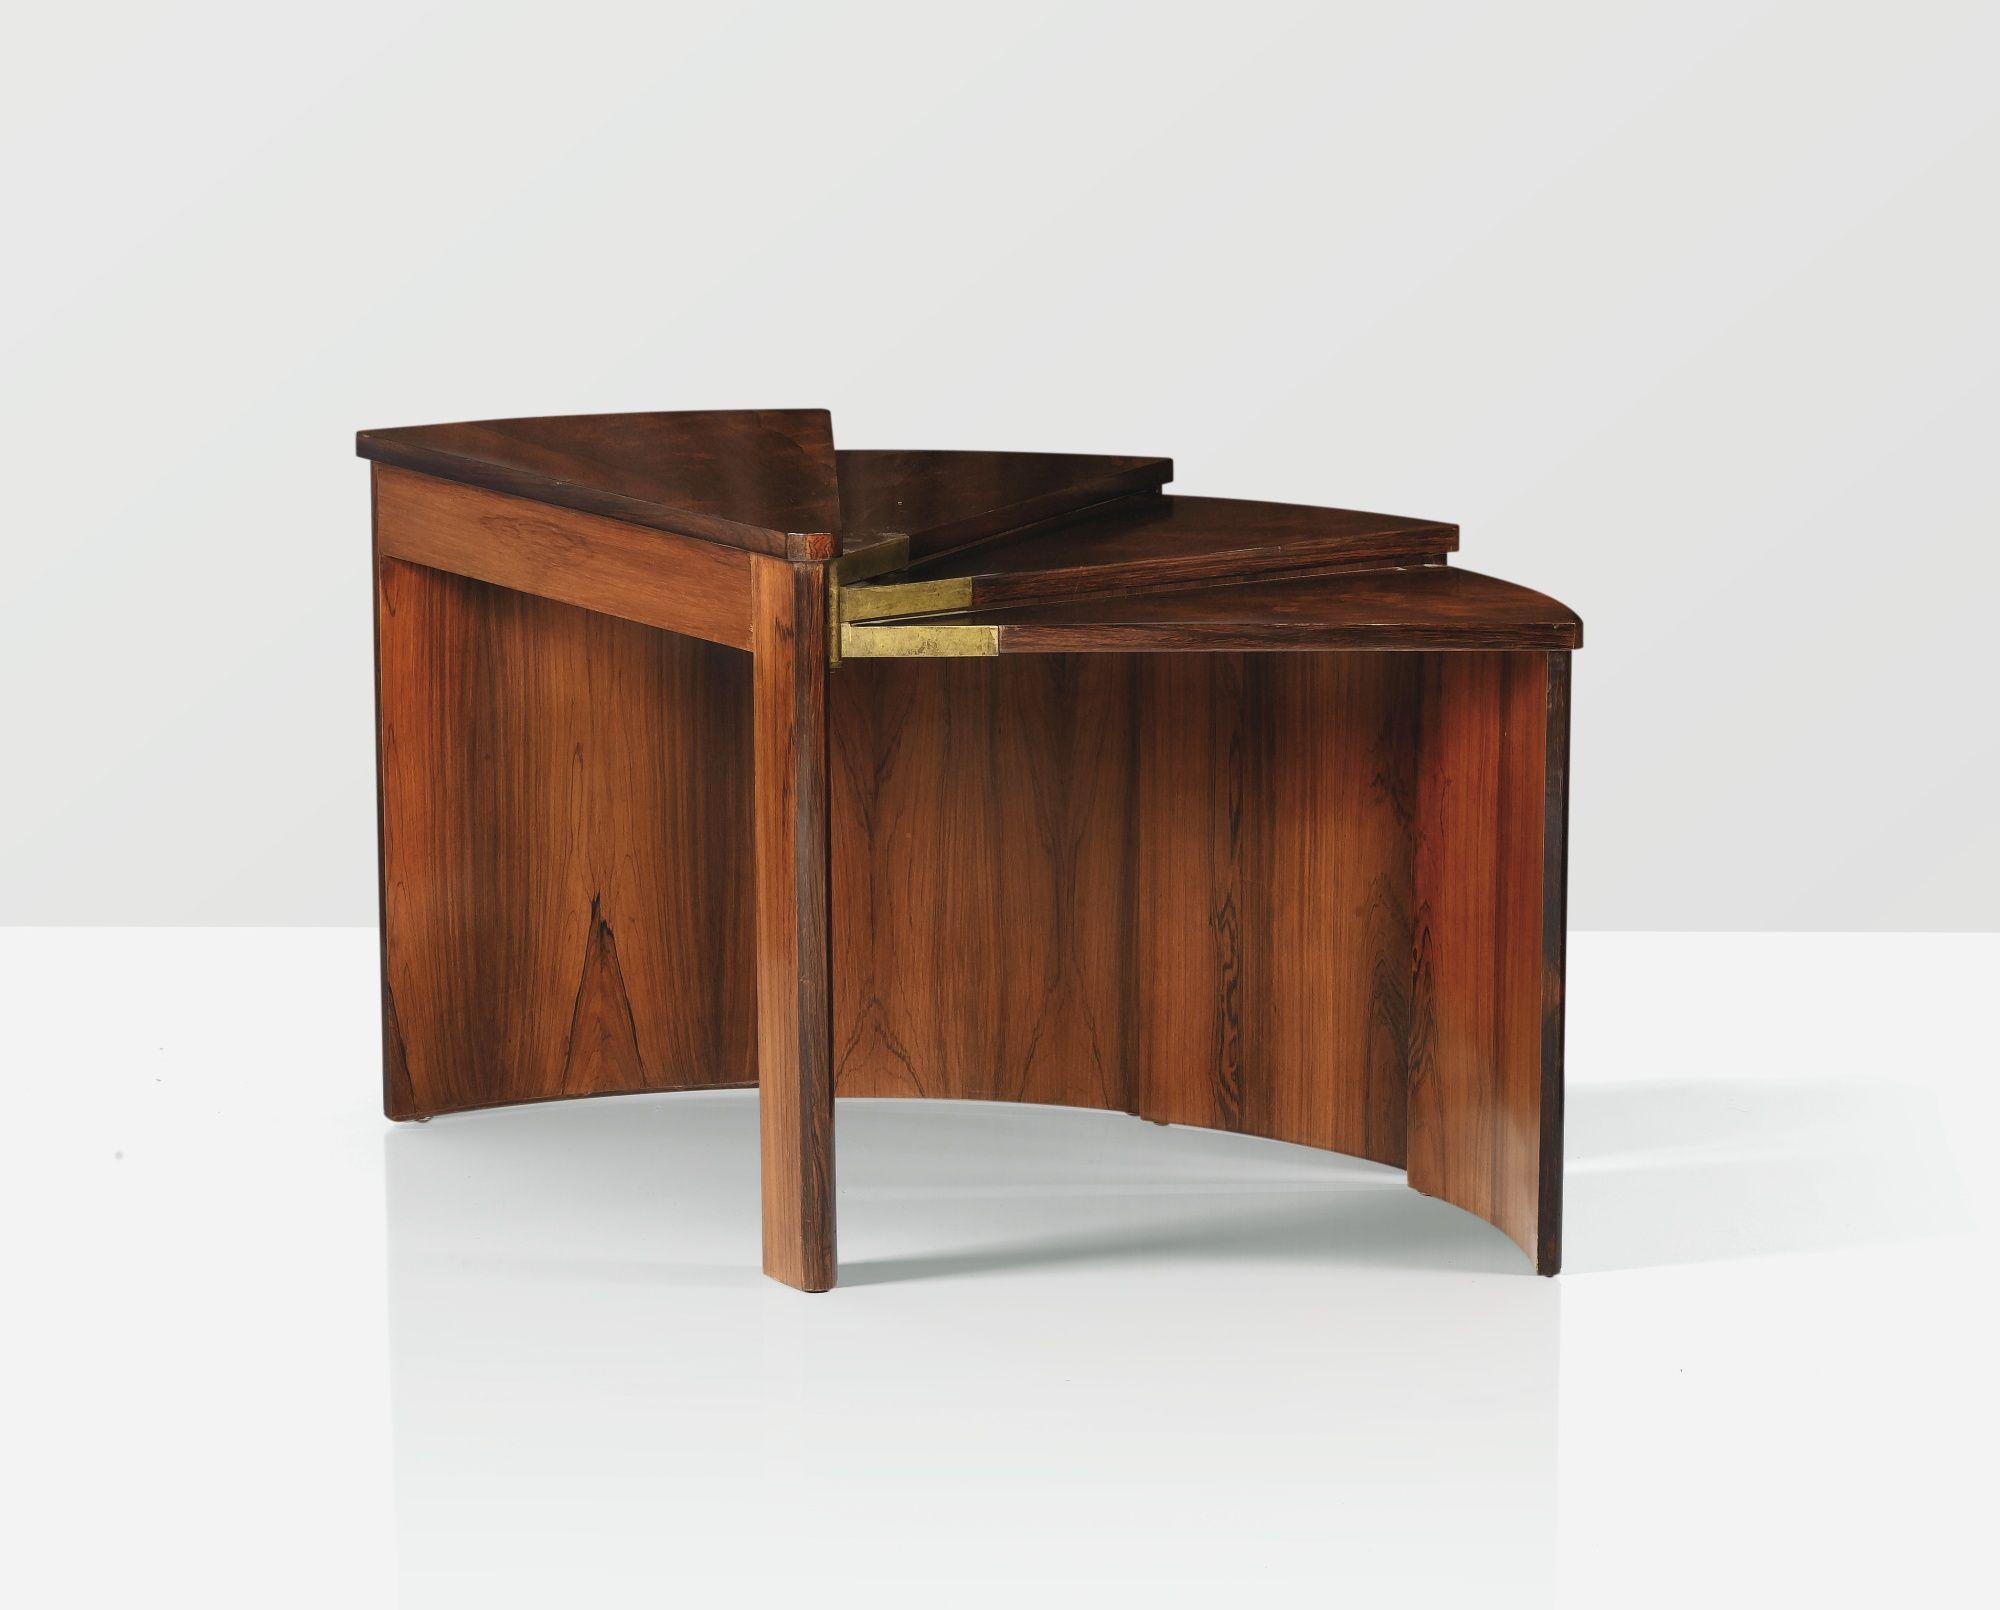 Table Mod Le Mb 106 Variante Plateaux Bords Plats Vers 1924  # Meuble Tv Samson